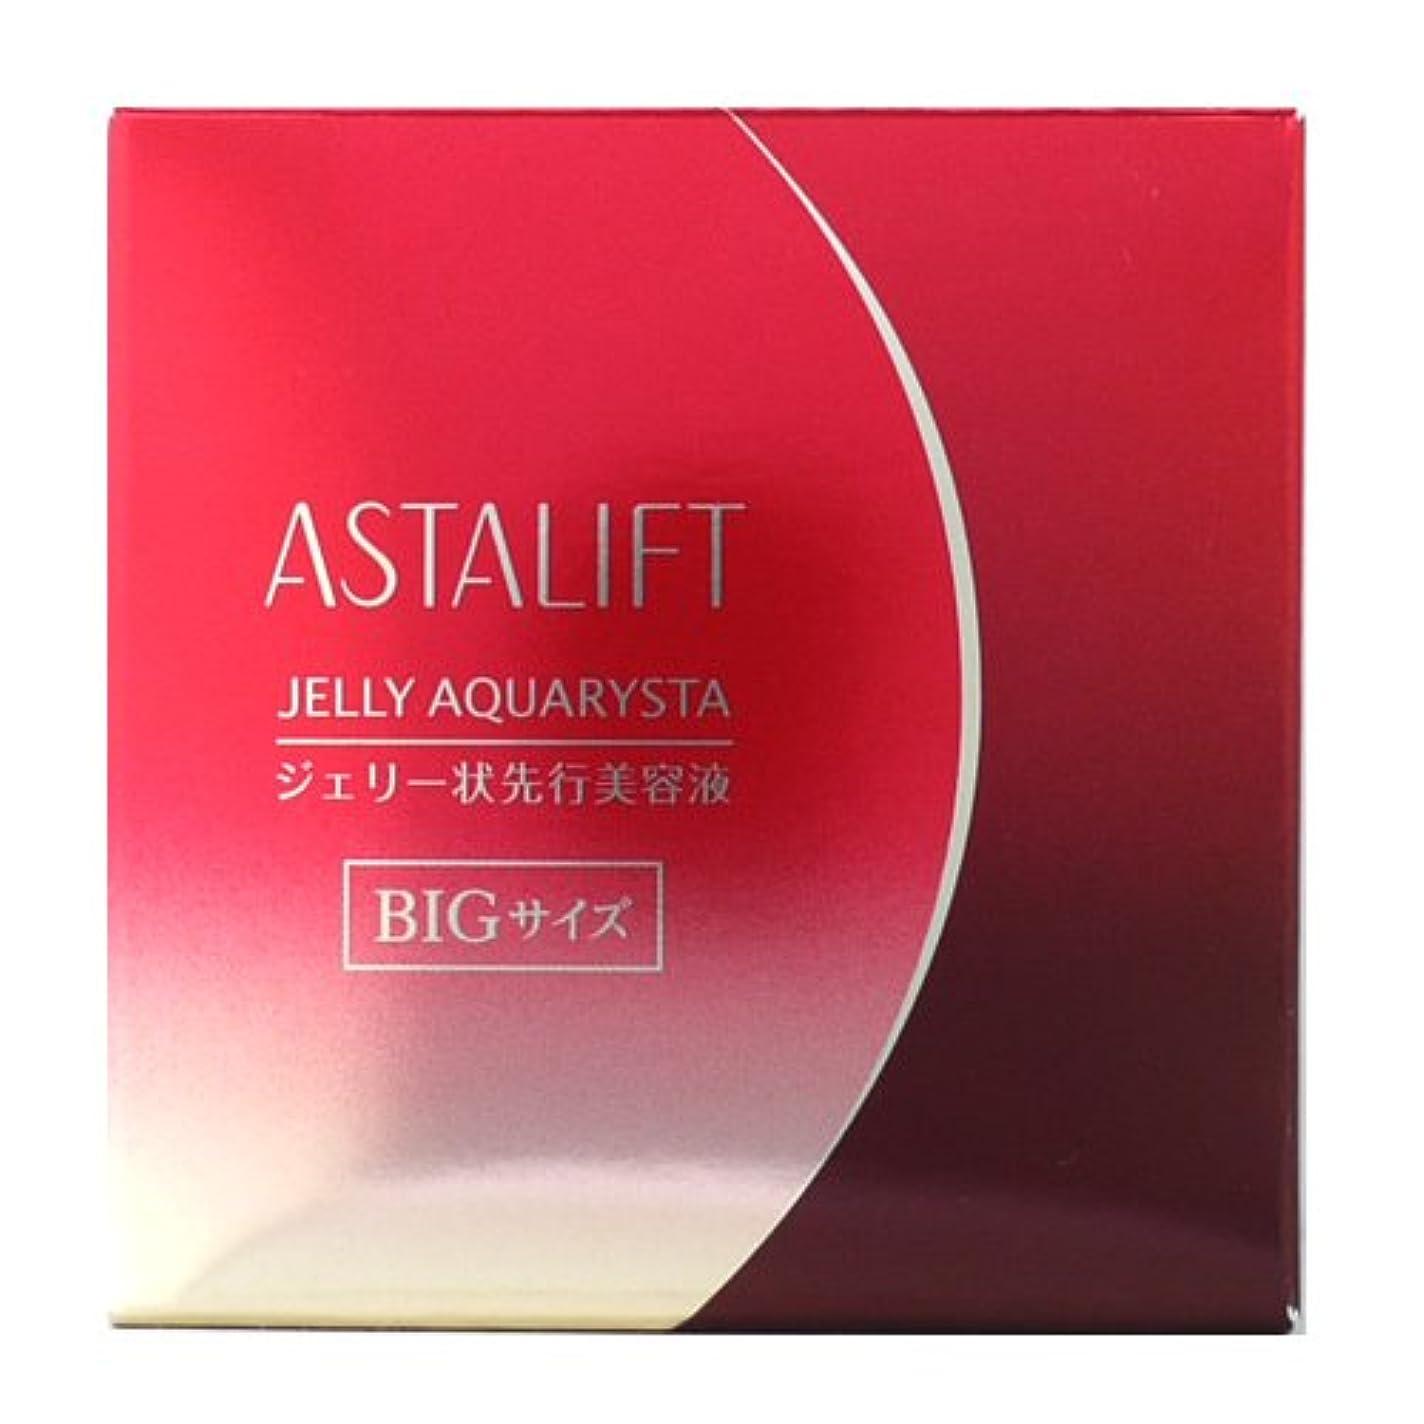 モンスター貝殻減少フジフィルム アスタリフト ジェリーアクアリスタS 60g